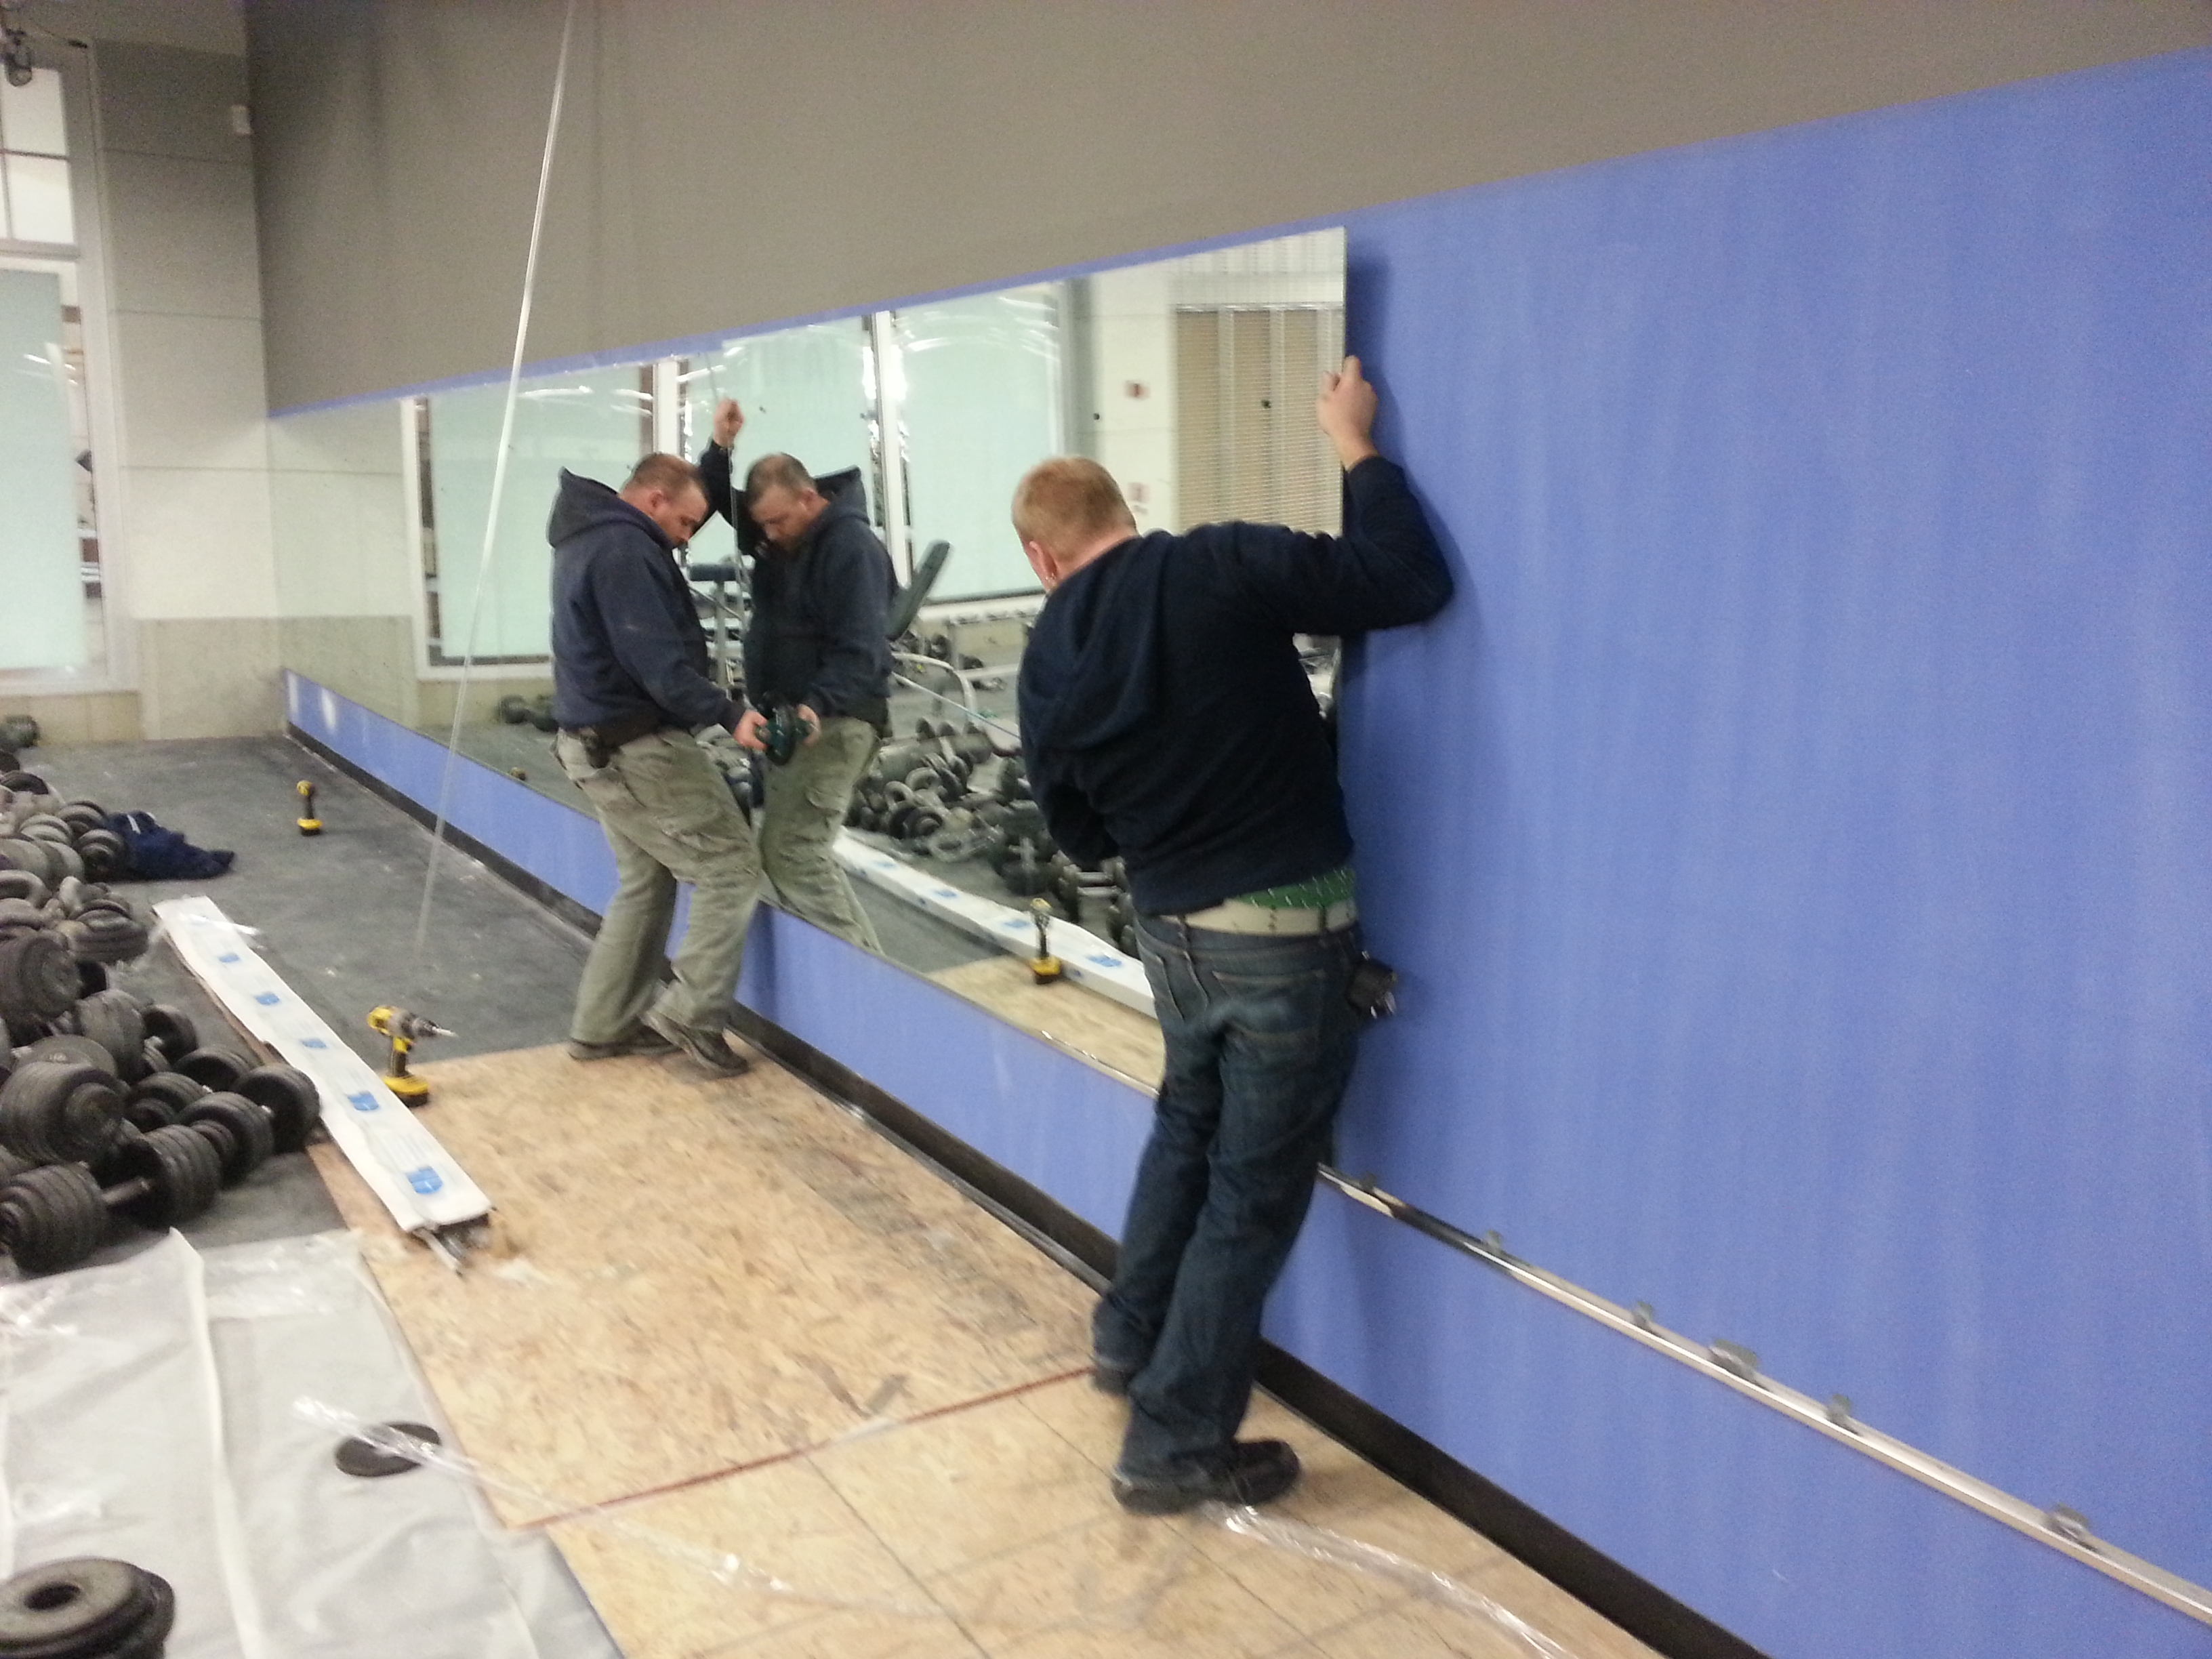 Glue A Mirror To A Wall